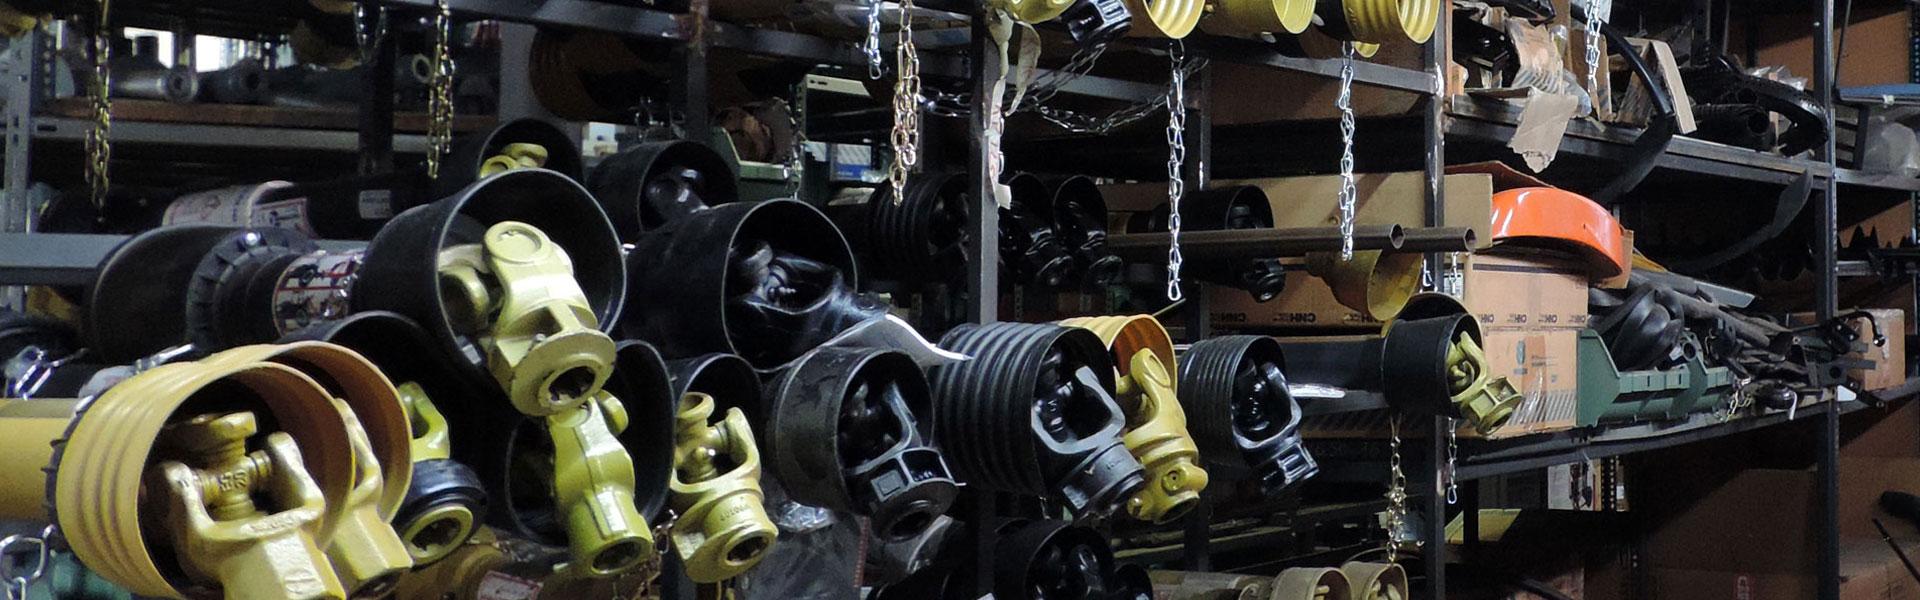 04-officina-riparazioni-ricci-trattori